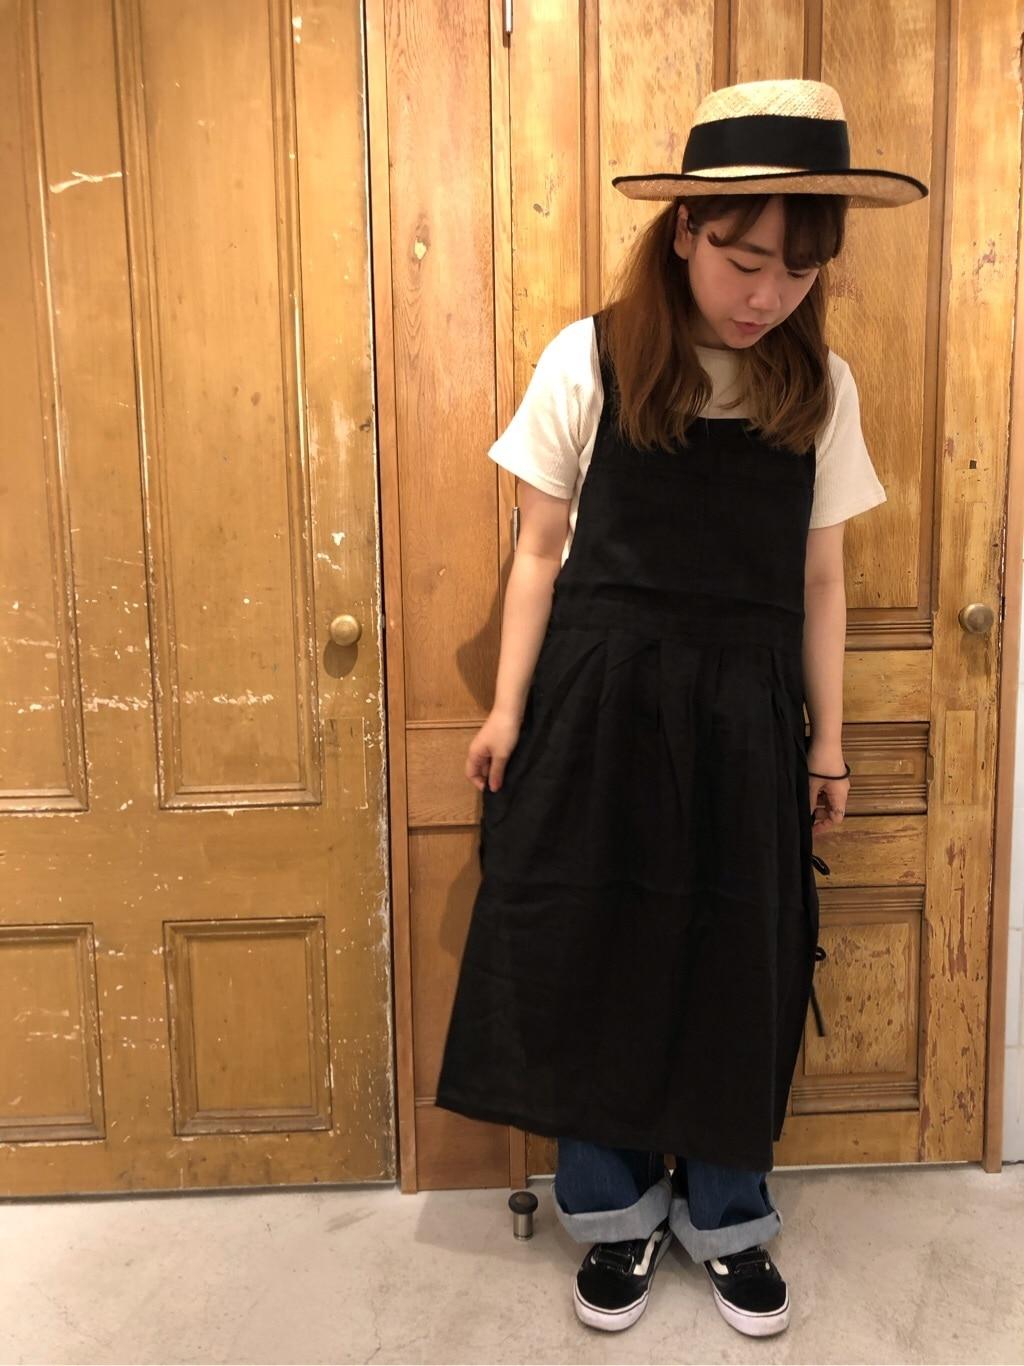 AMB SHOP PAR ICI FLAT AMB 名古屋栄路面 身長:163cm 2020.06.09